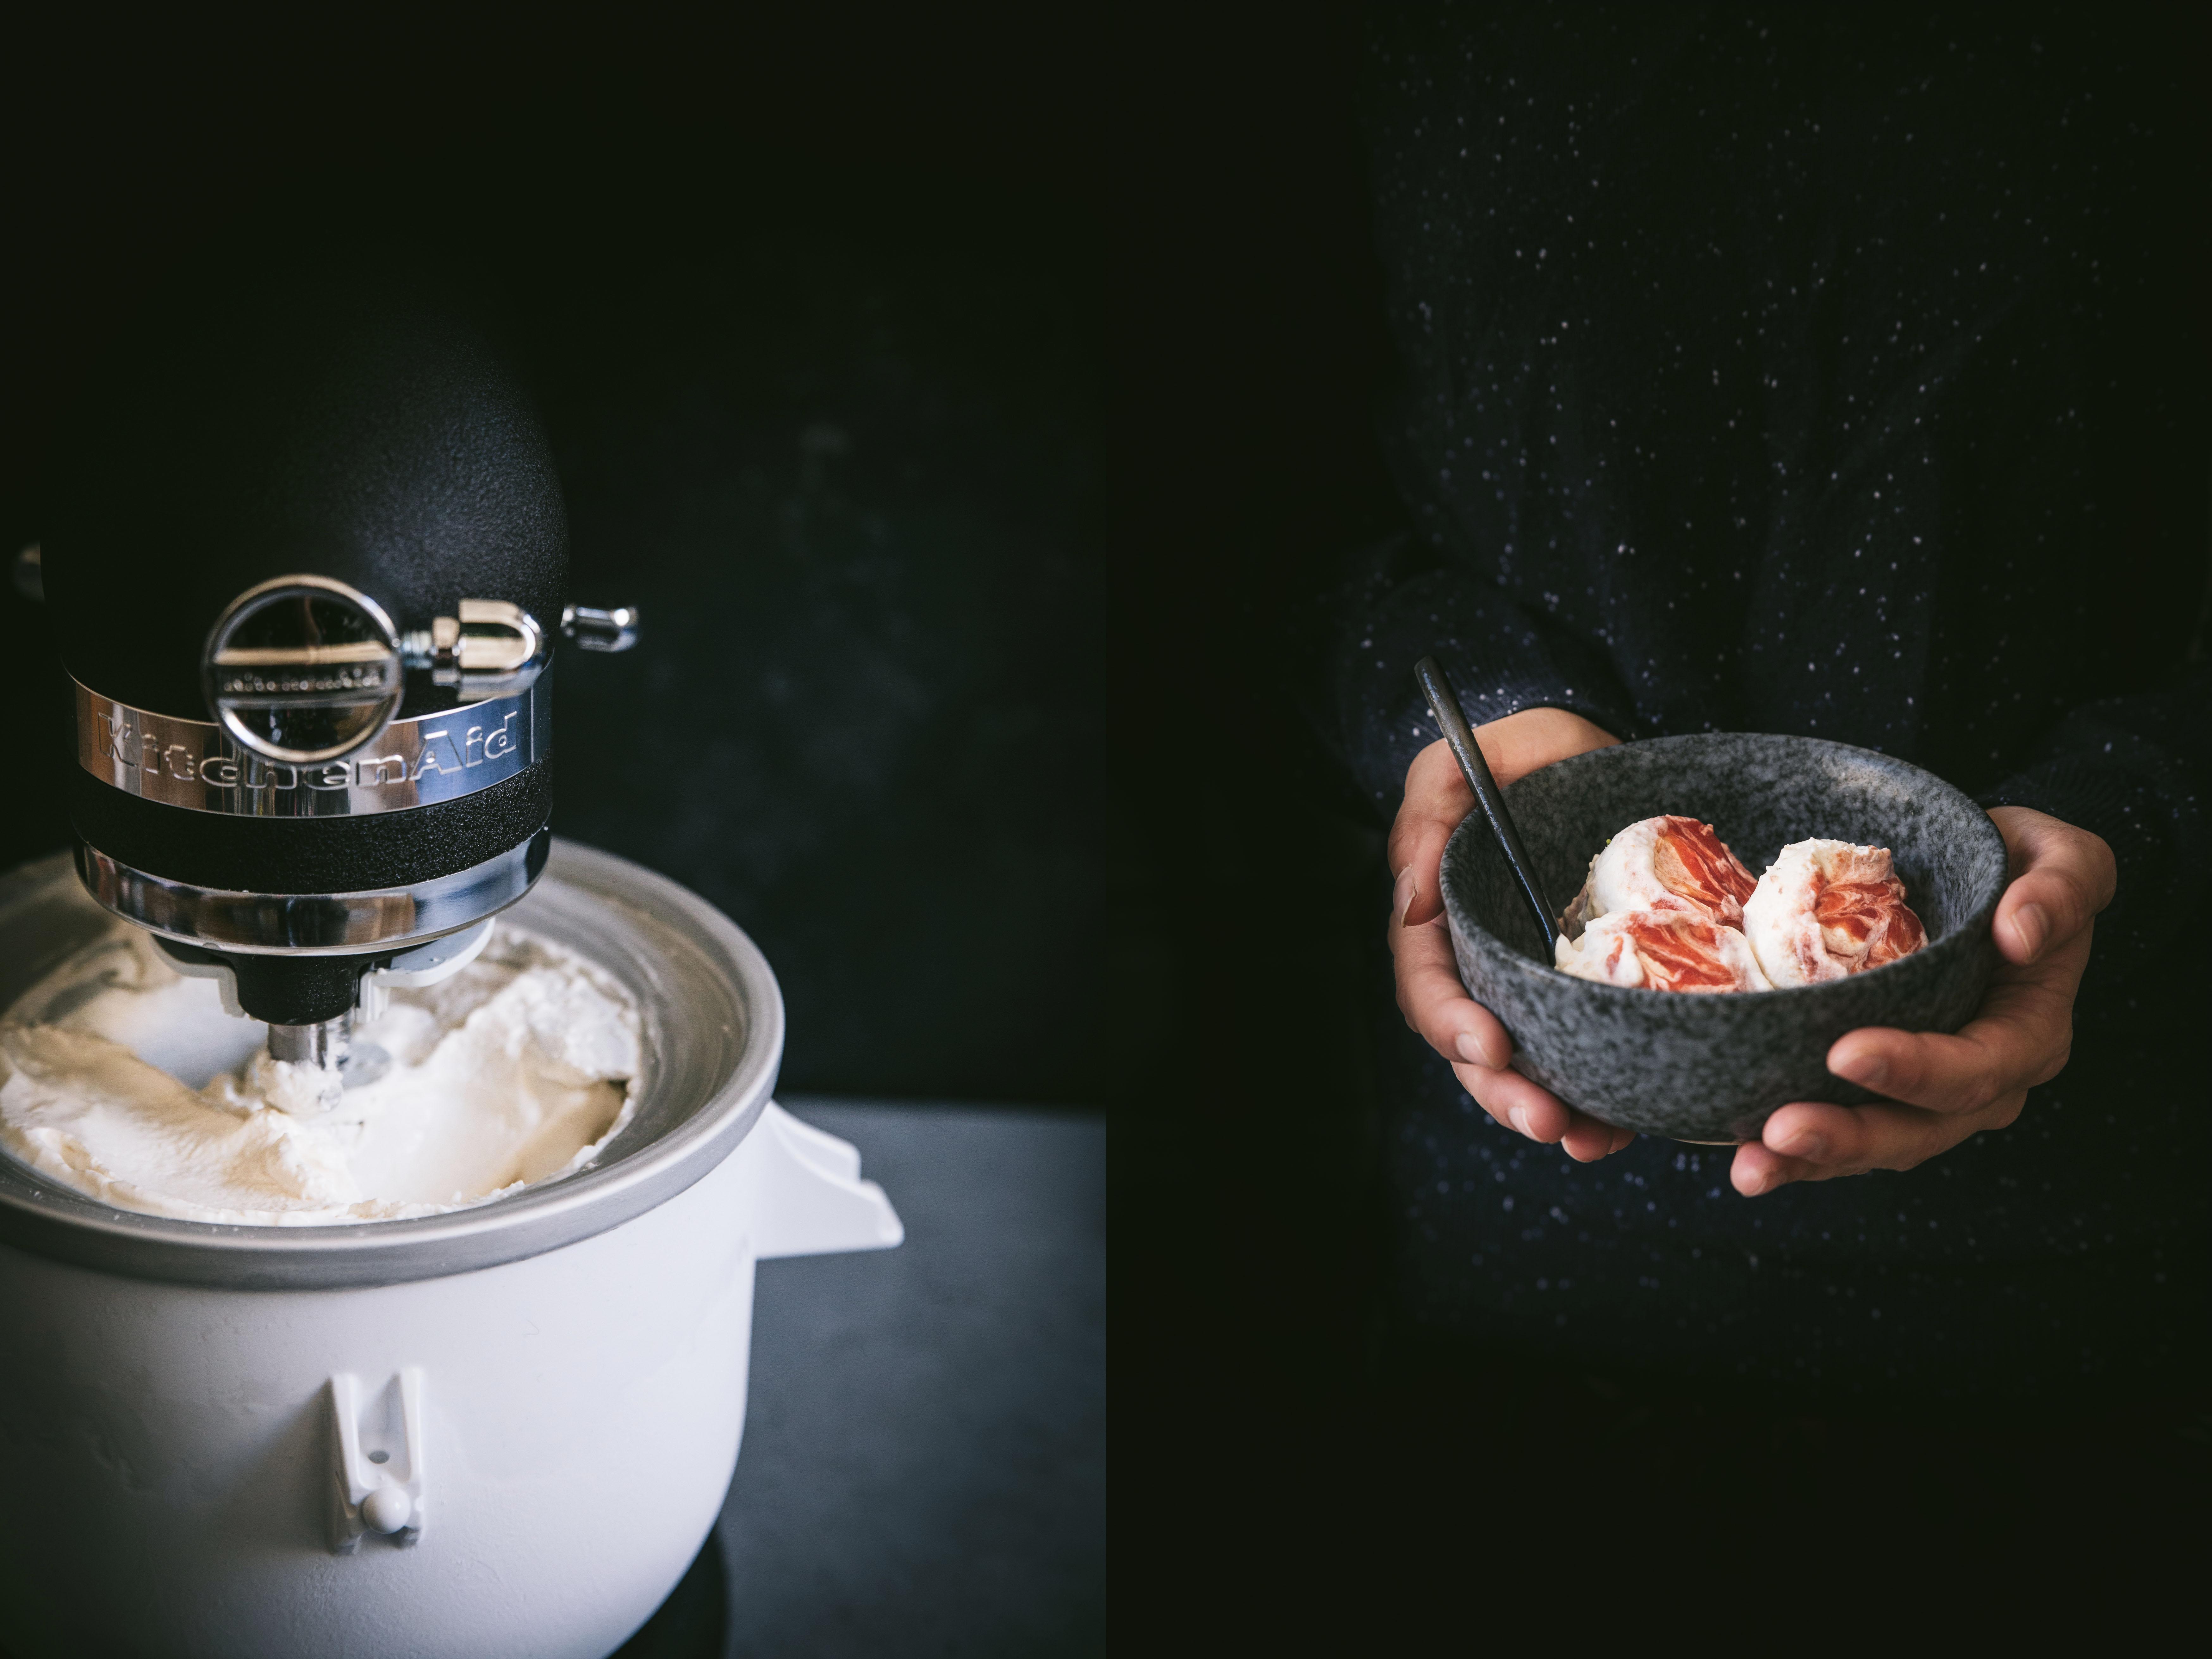 Glace noix de coco pêche KitchenAid - Mégane Ardérighi